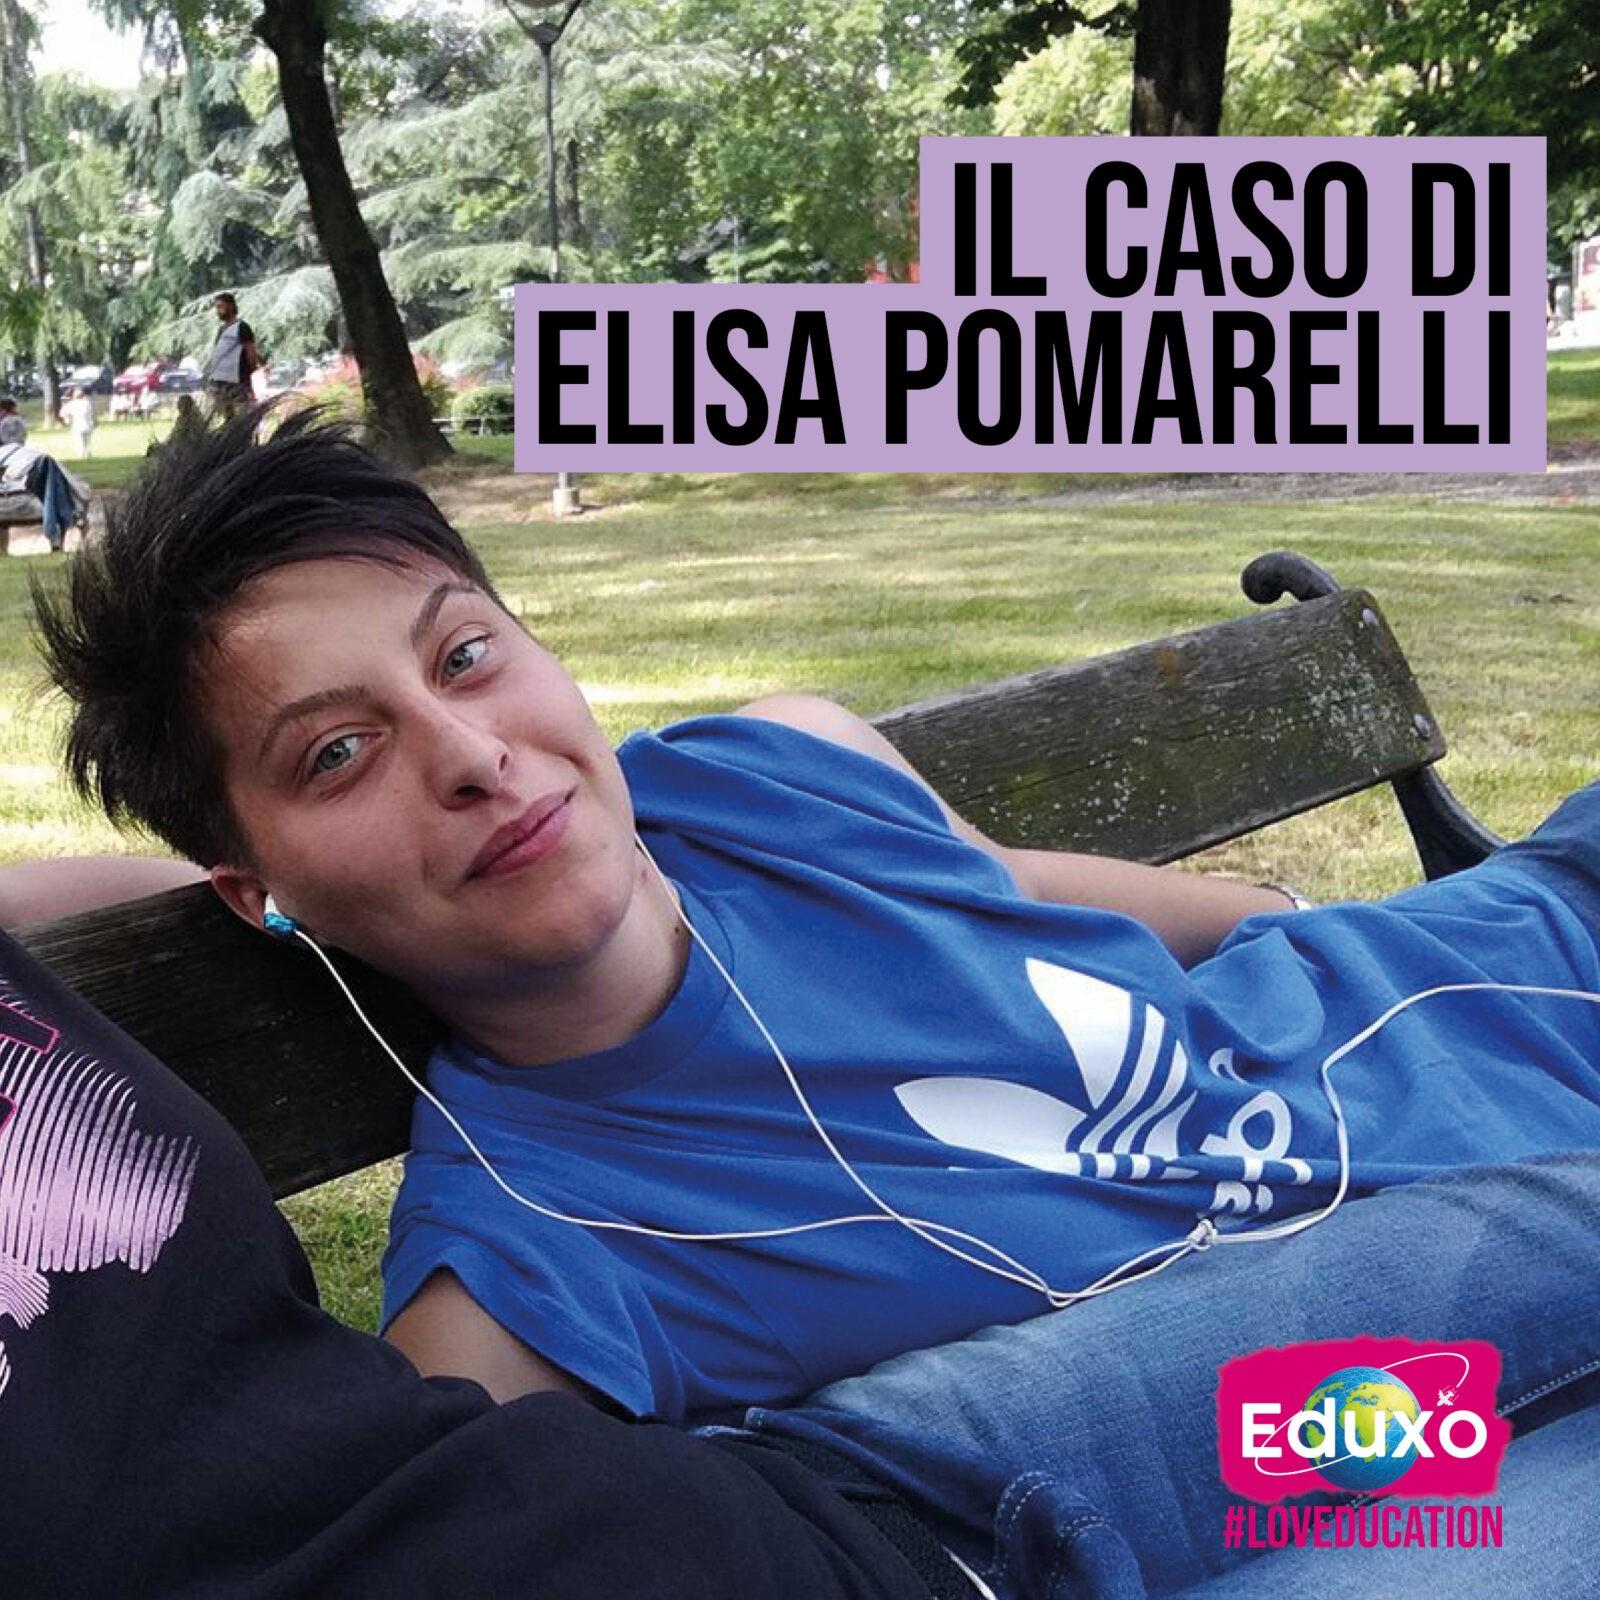 Il caso di Elisa Pomarelli